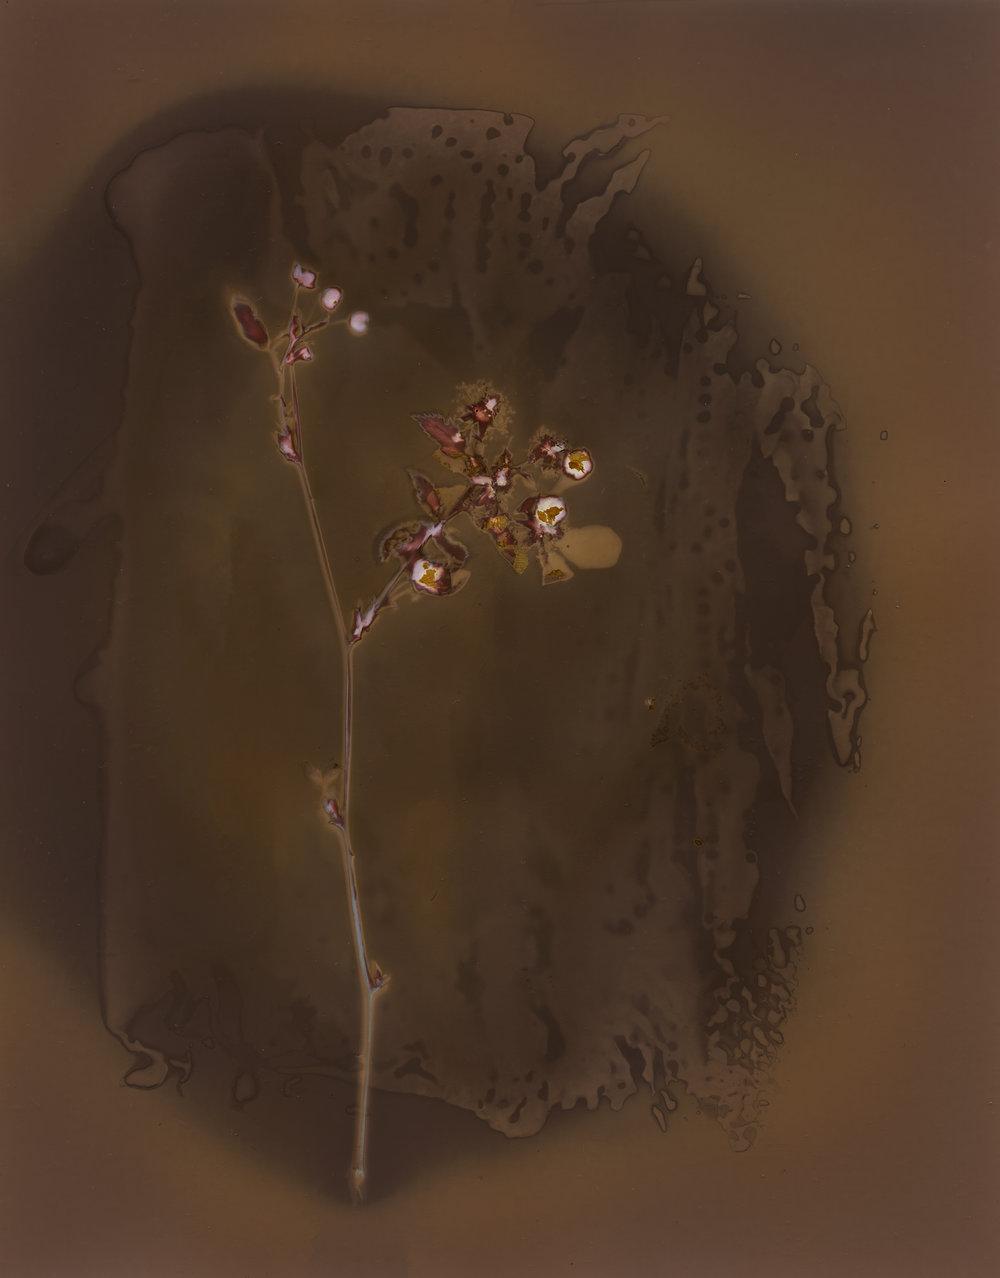 blackberry blossom002.jpg